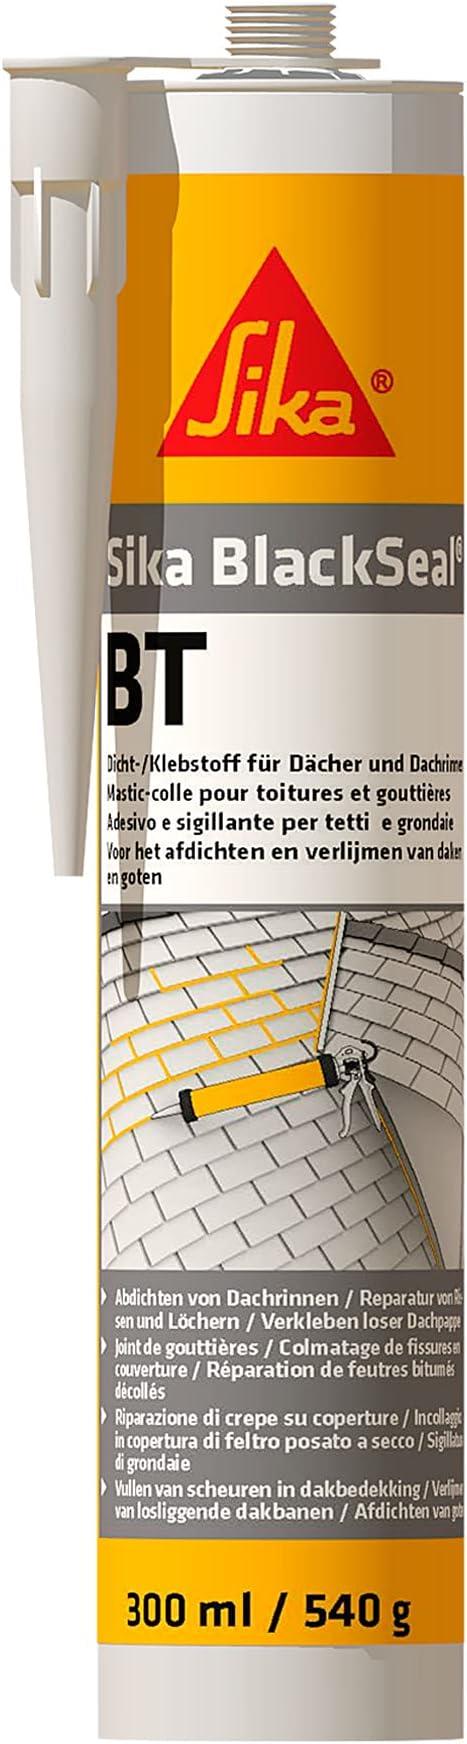 366 opinioni per Sika BlackSeal BT, Sigillante e adesivo a base di gomma butilica, sigillatura,